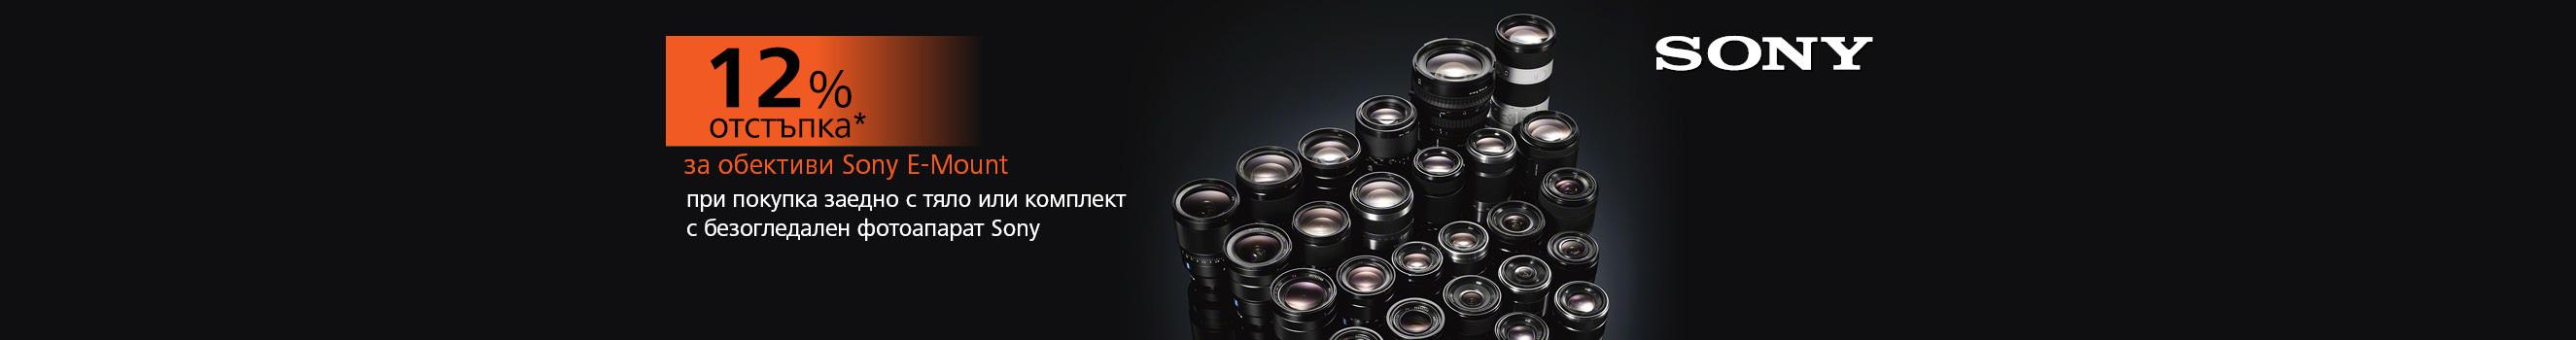 12% отстъпка за обективи Sony E-Mount